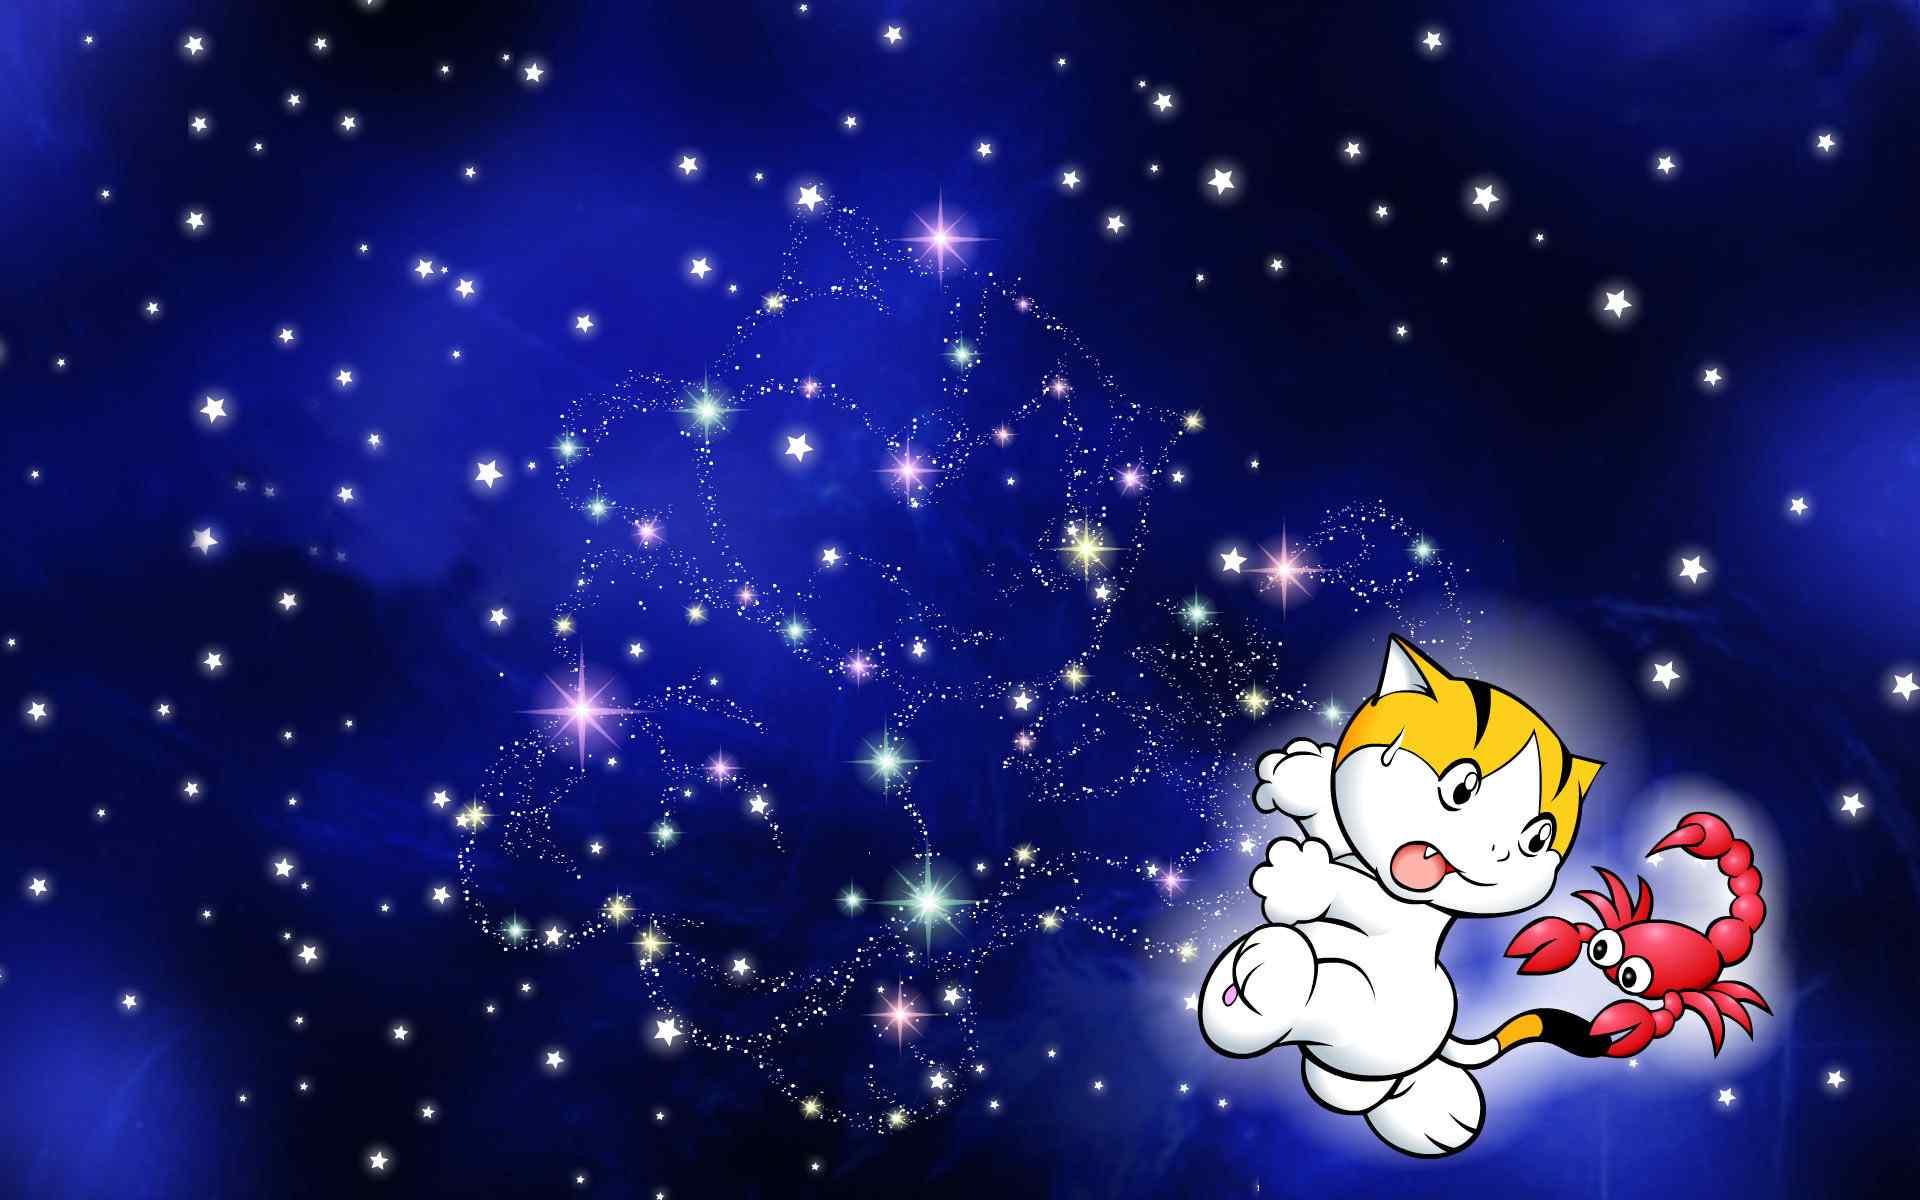 12星座之天蝎座可爱卡通桌面壁纸